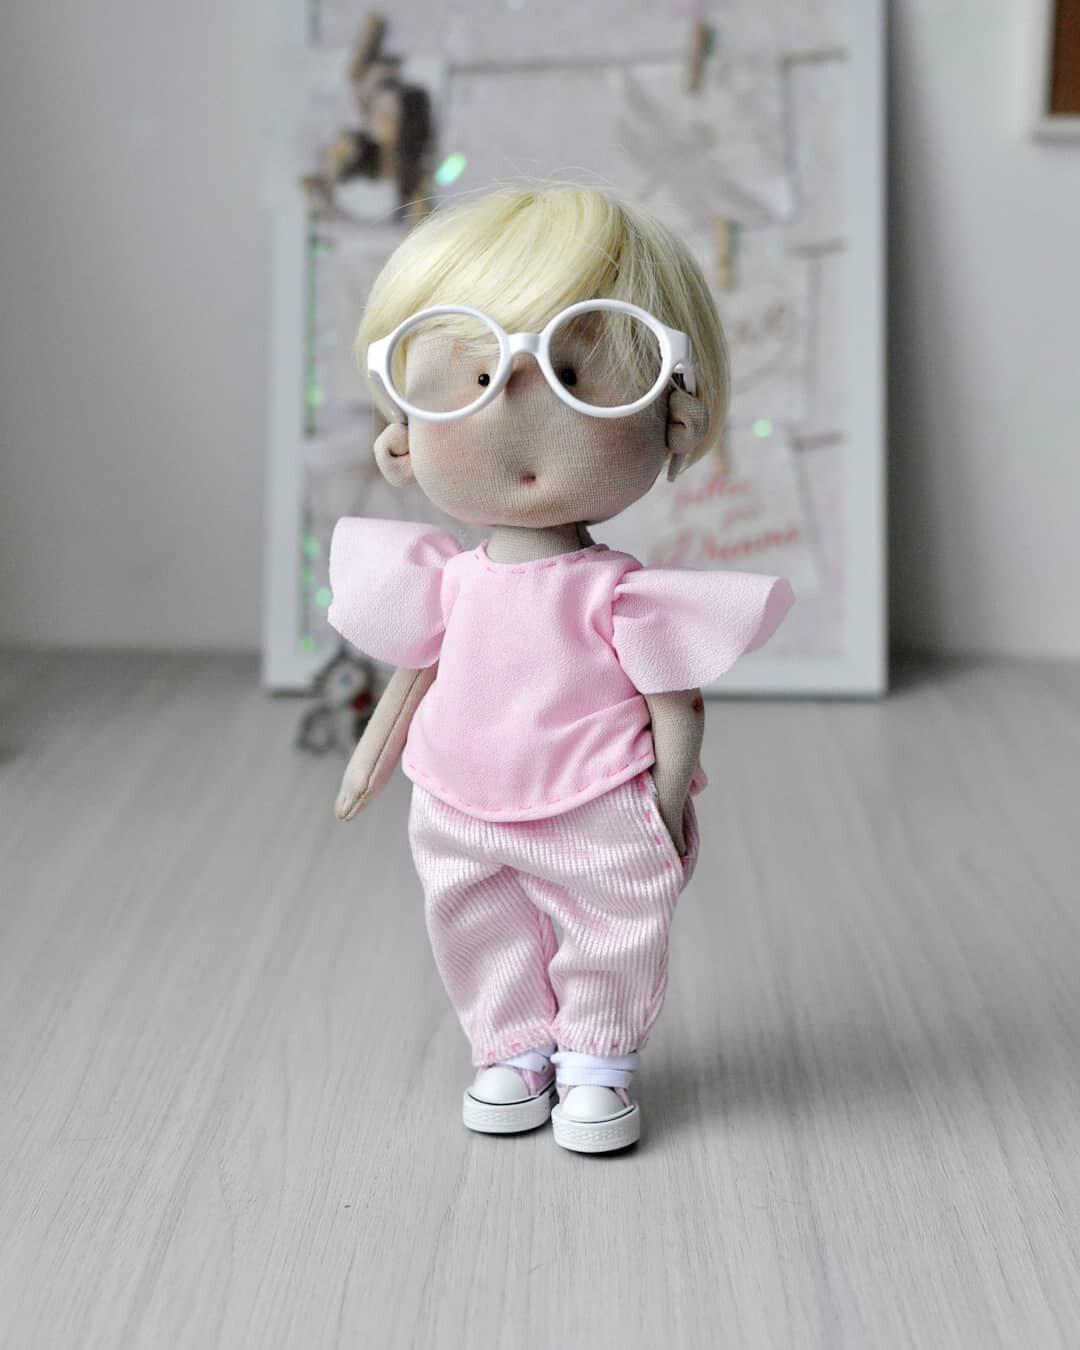 Должна ли девочка играть в куклы?